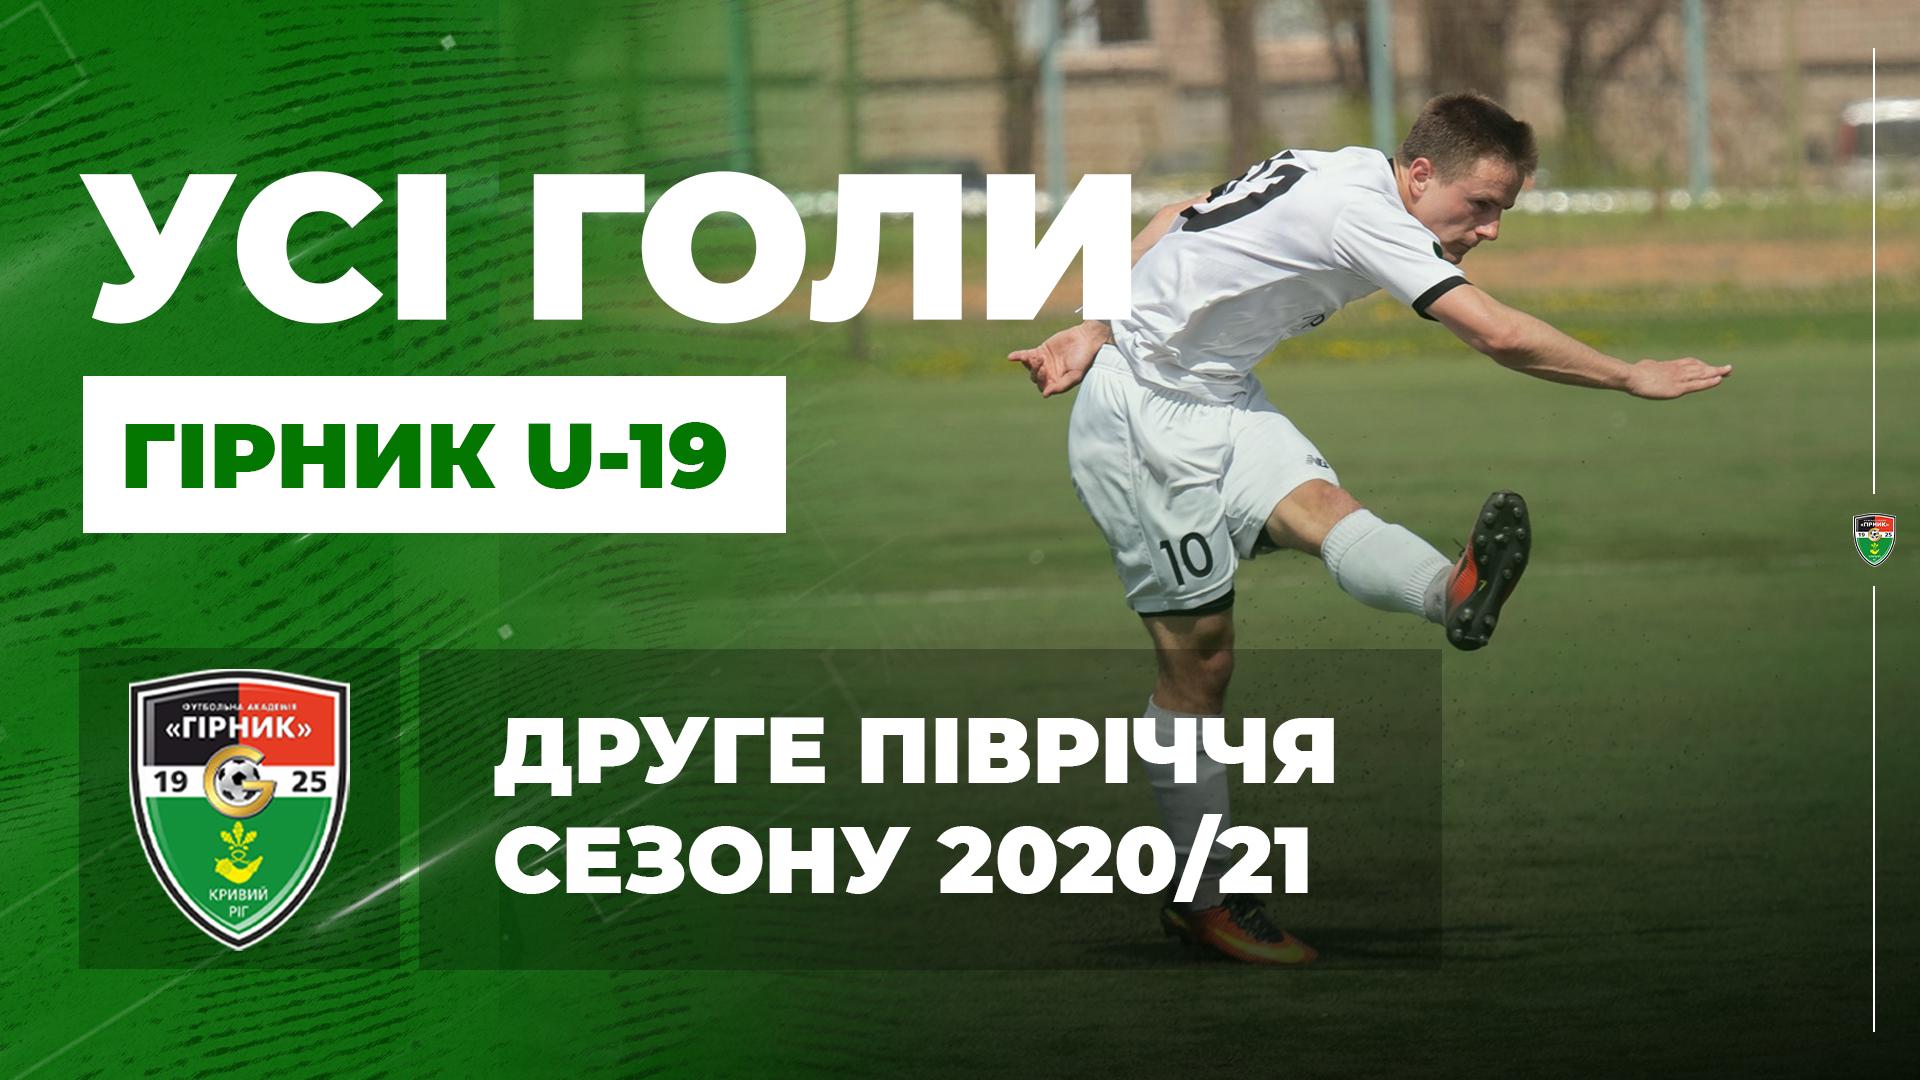 Усі голи Гірника U-19 у другій половині сезону-2020/21: відео